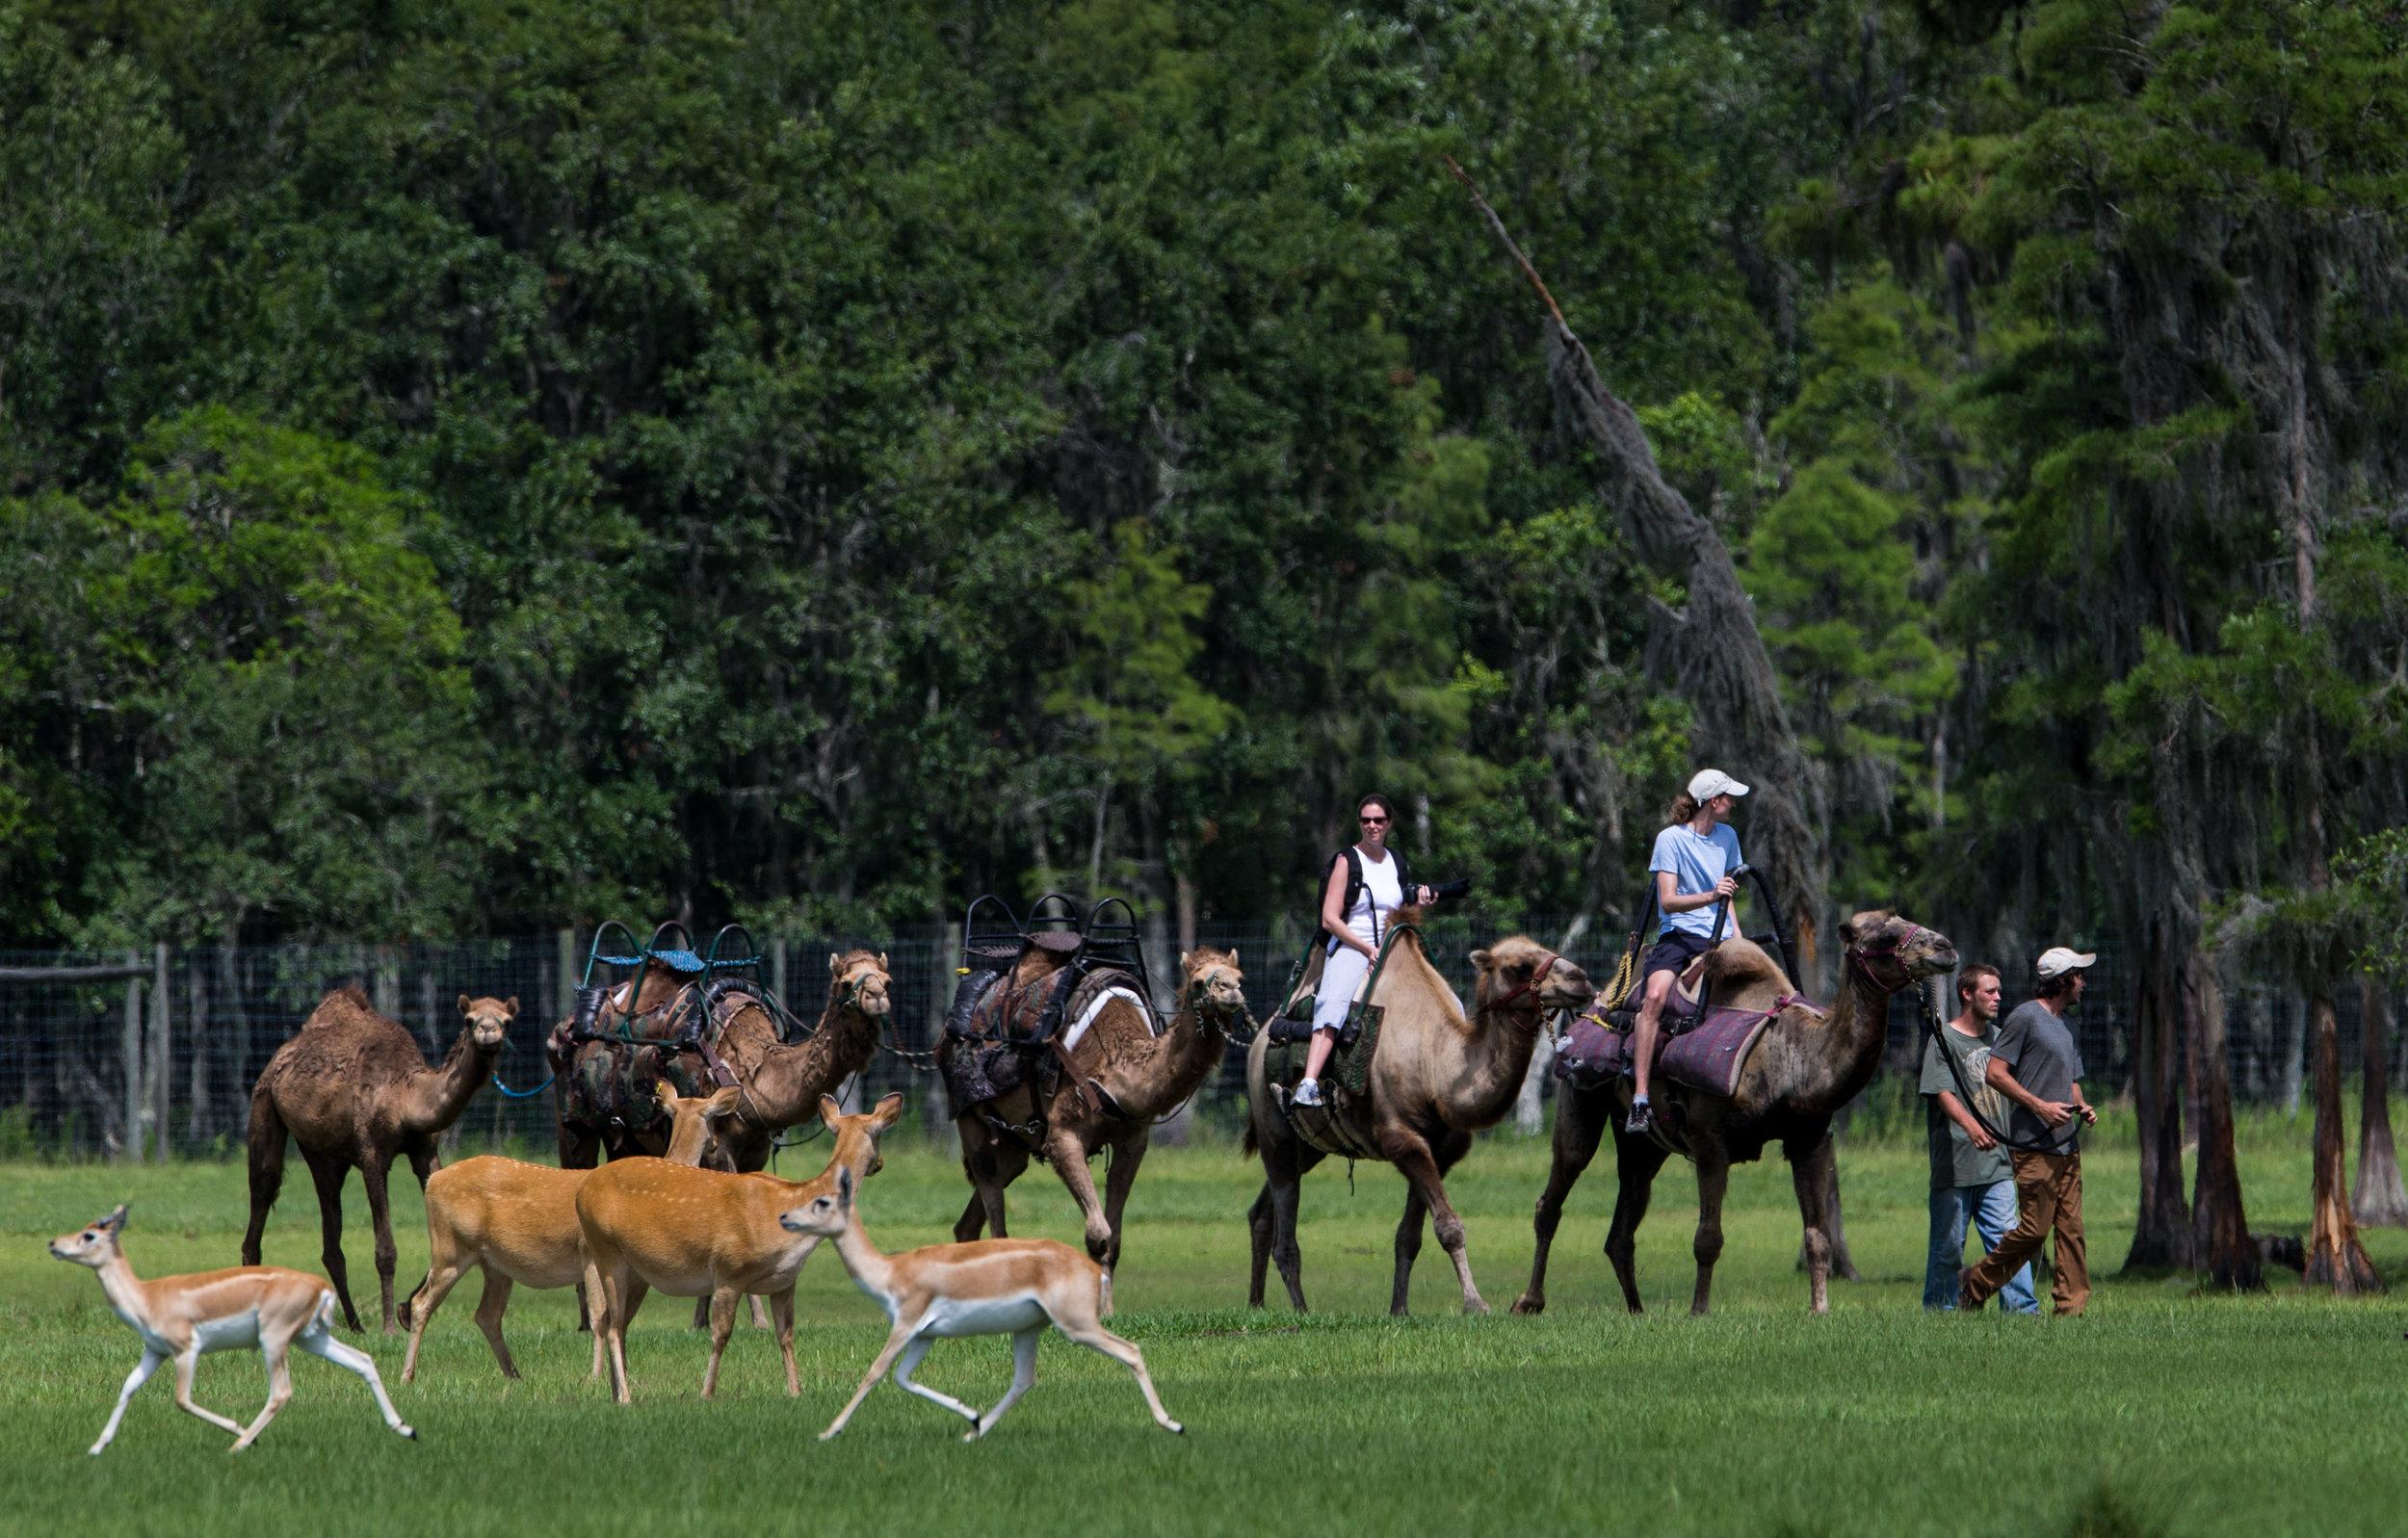 A outra opção de safari é fazer todo o trajeto de camelo. Foto: Visit Central Florida.